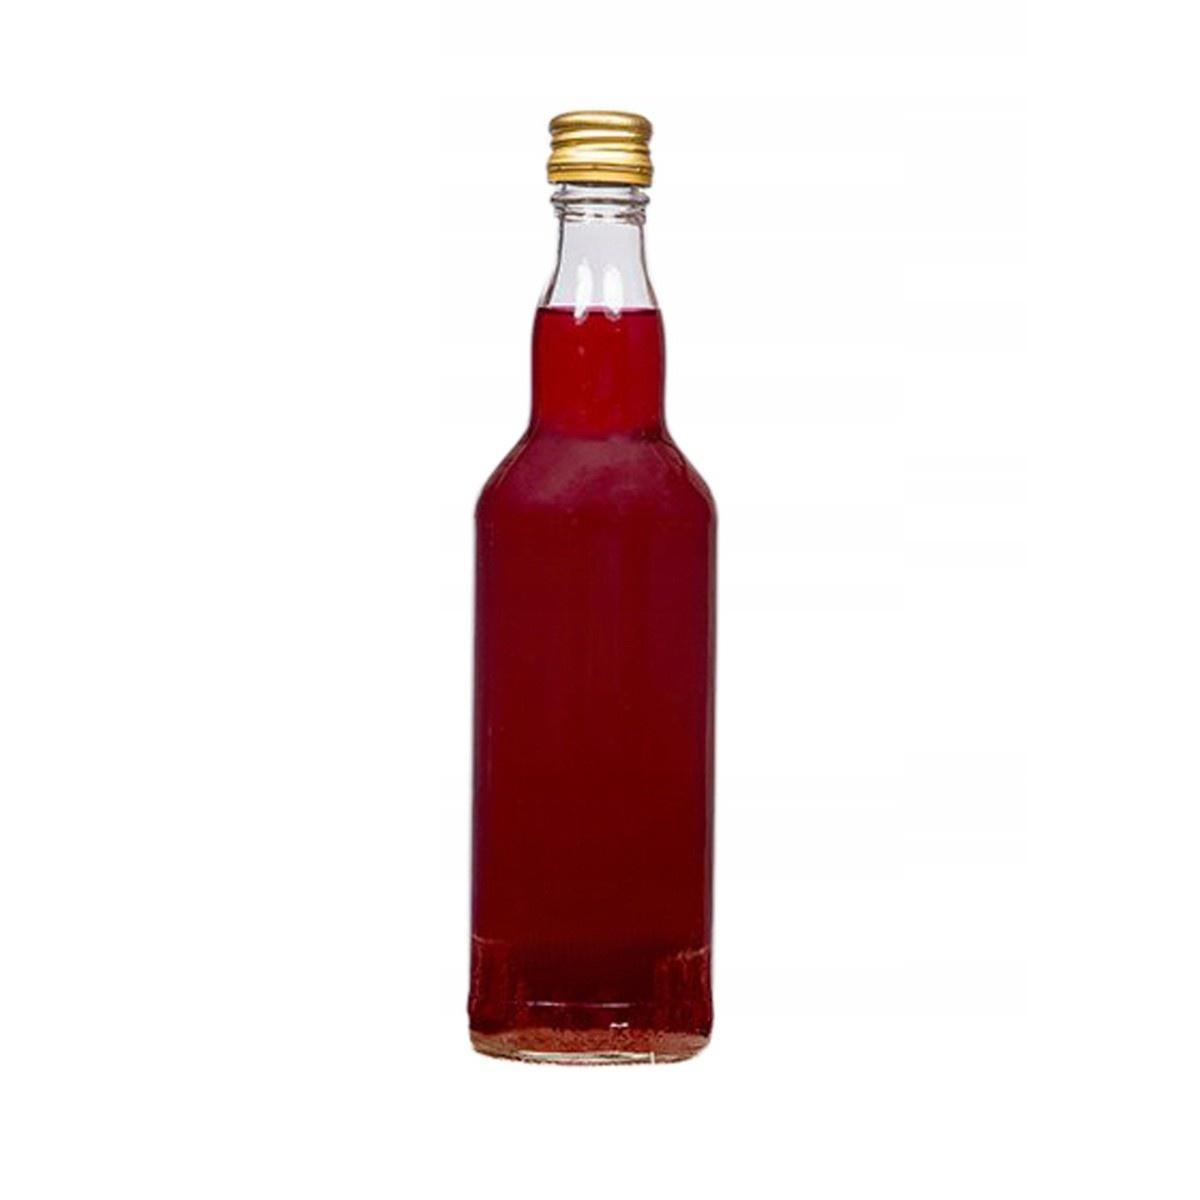 nástroj na zatváranie fliaš na uzáver megamix.sk